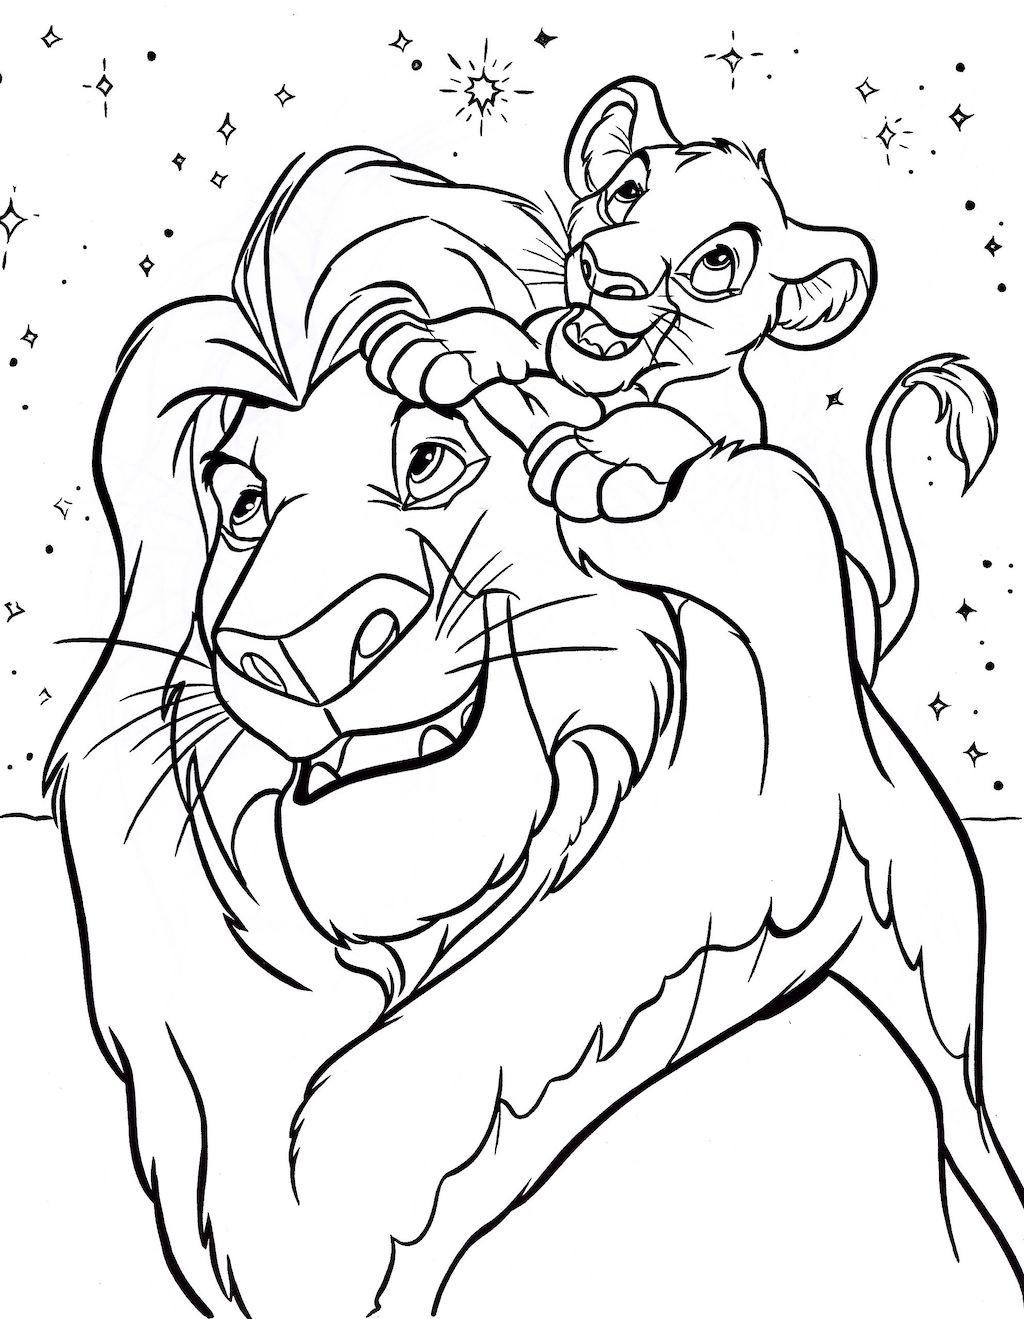 kleurplaat-lion-king01